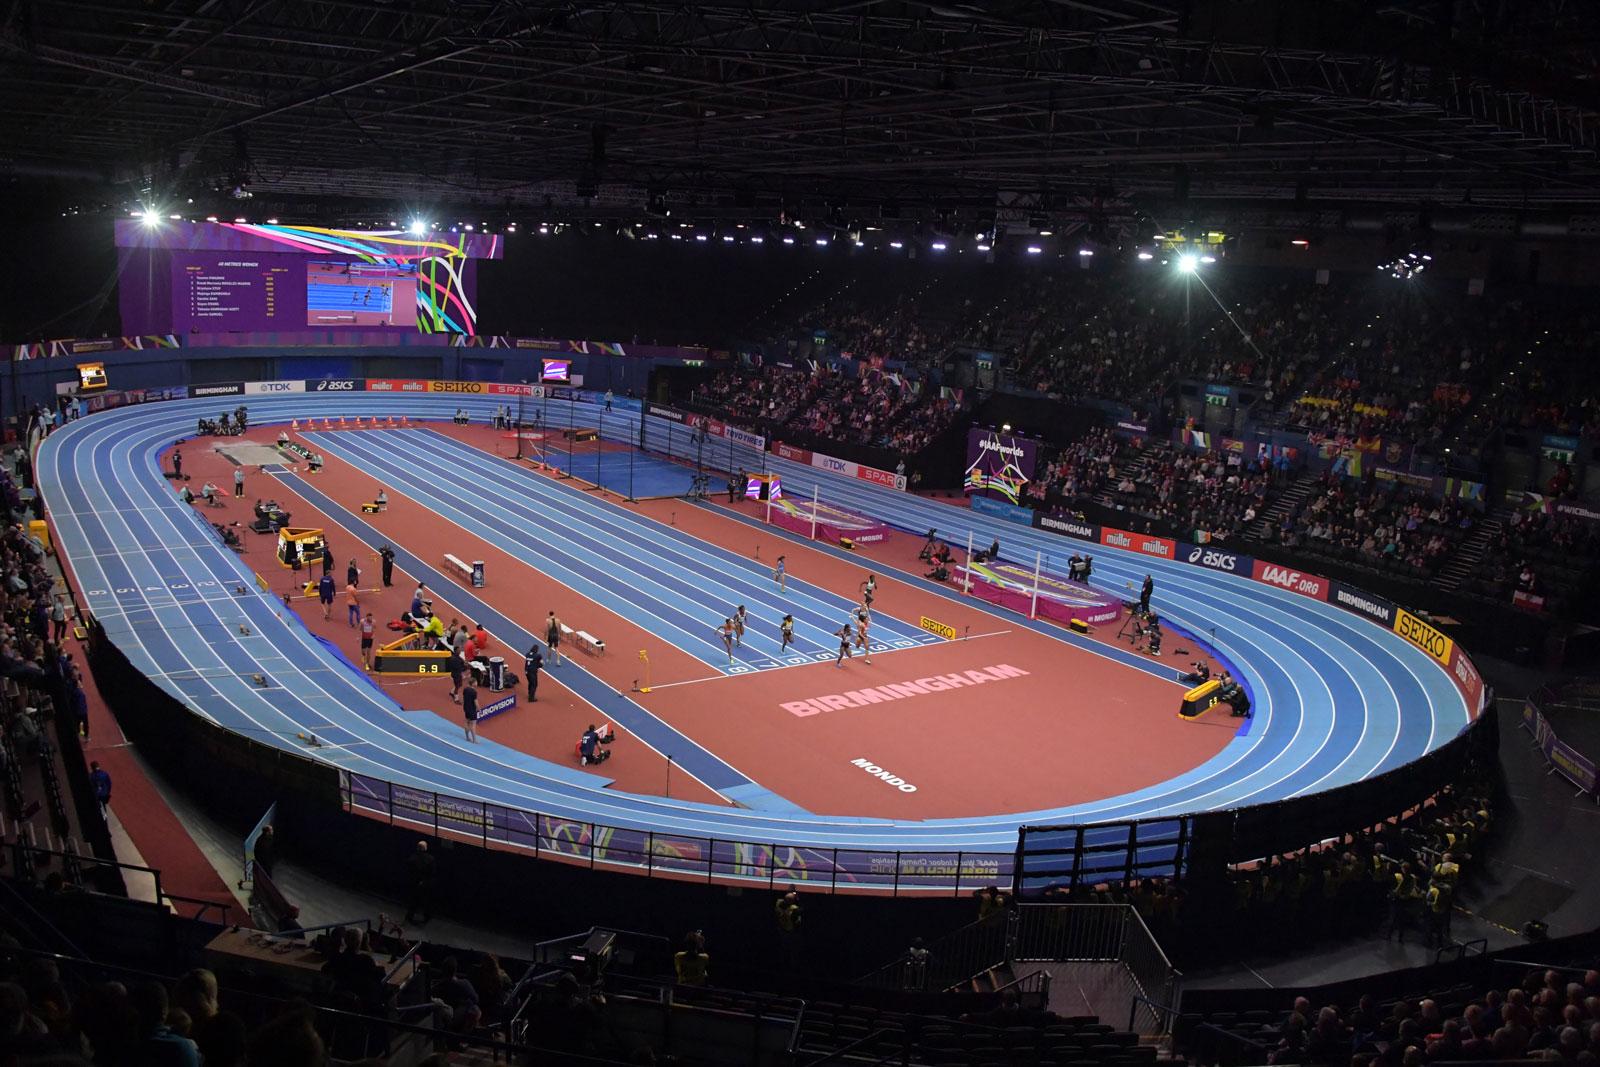 IAAF World Indoor  Championships,  Birmingham, 2018 -  Arena  Birmingham